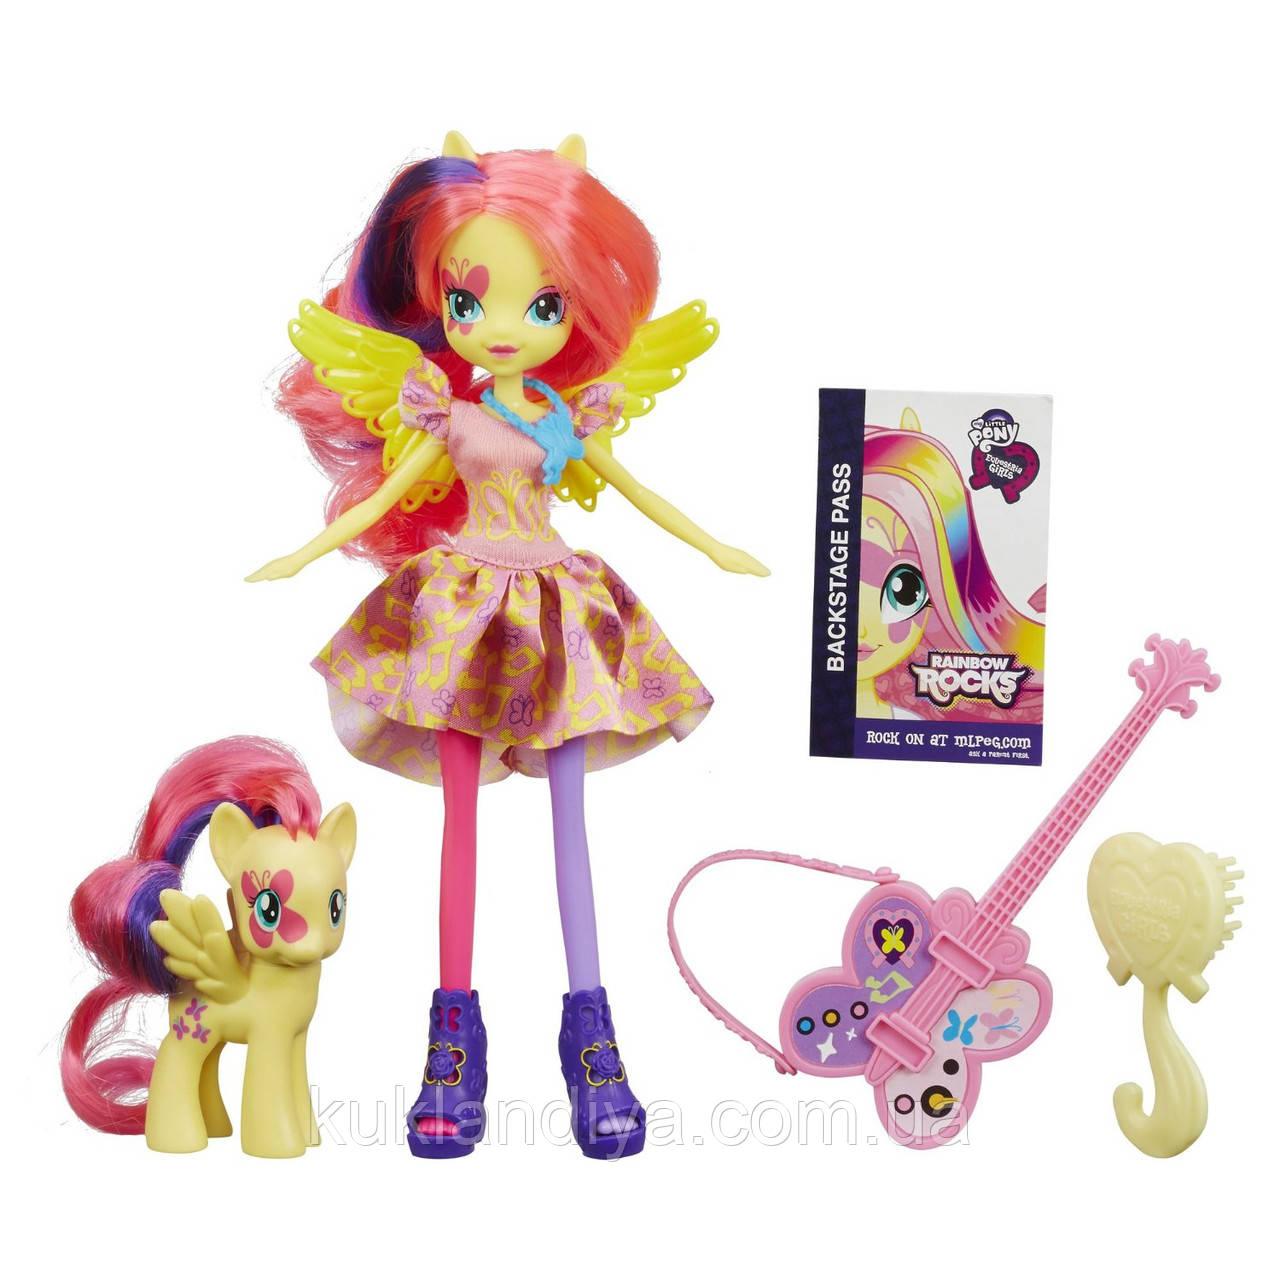 Кукла Флеттершай и Пони My Little Pony Equestria Girls Fluttershy